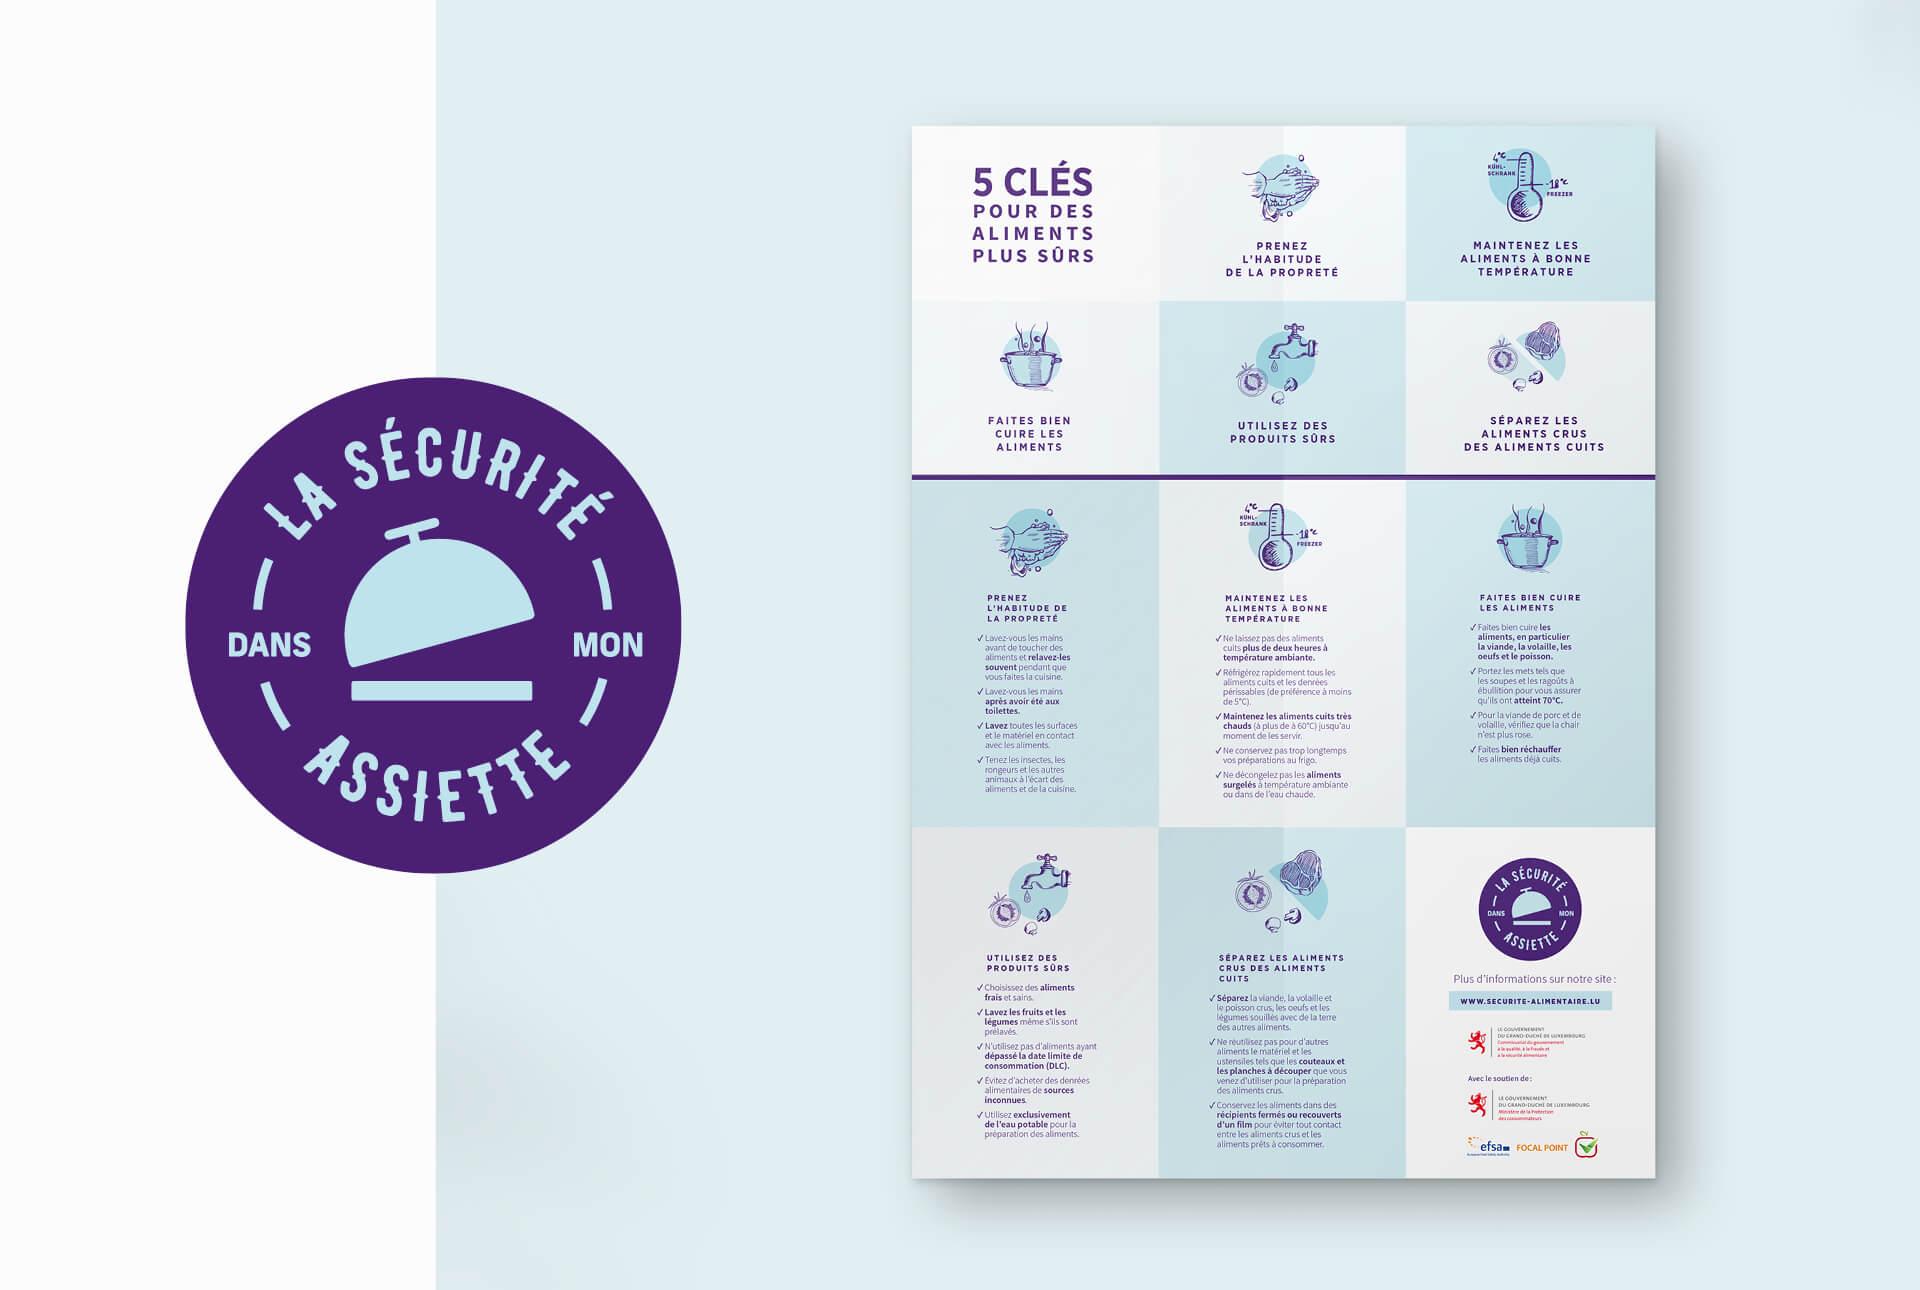 5 clés pour des aliments plus sûrs, le guide du ministère de la consommation réalisé par le studio graphique Comed